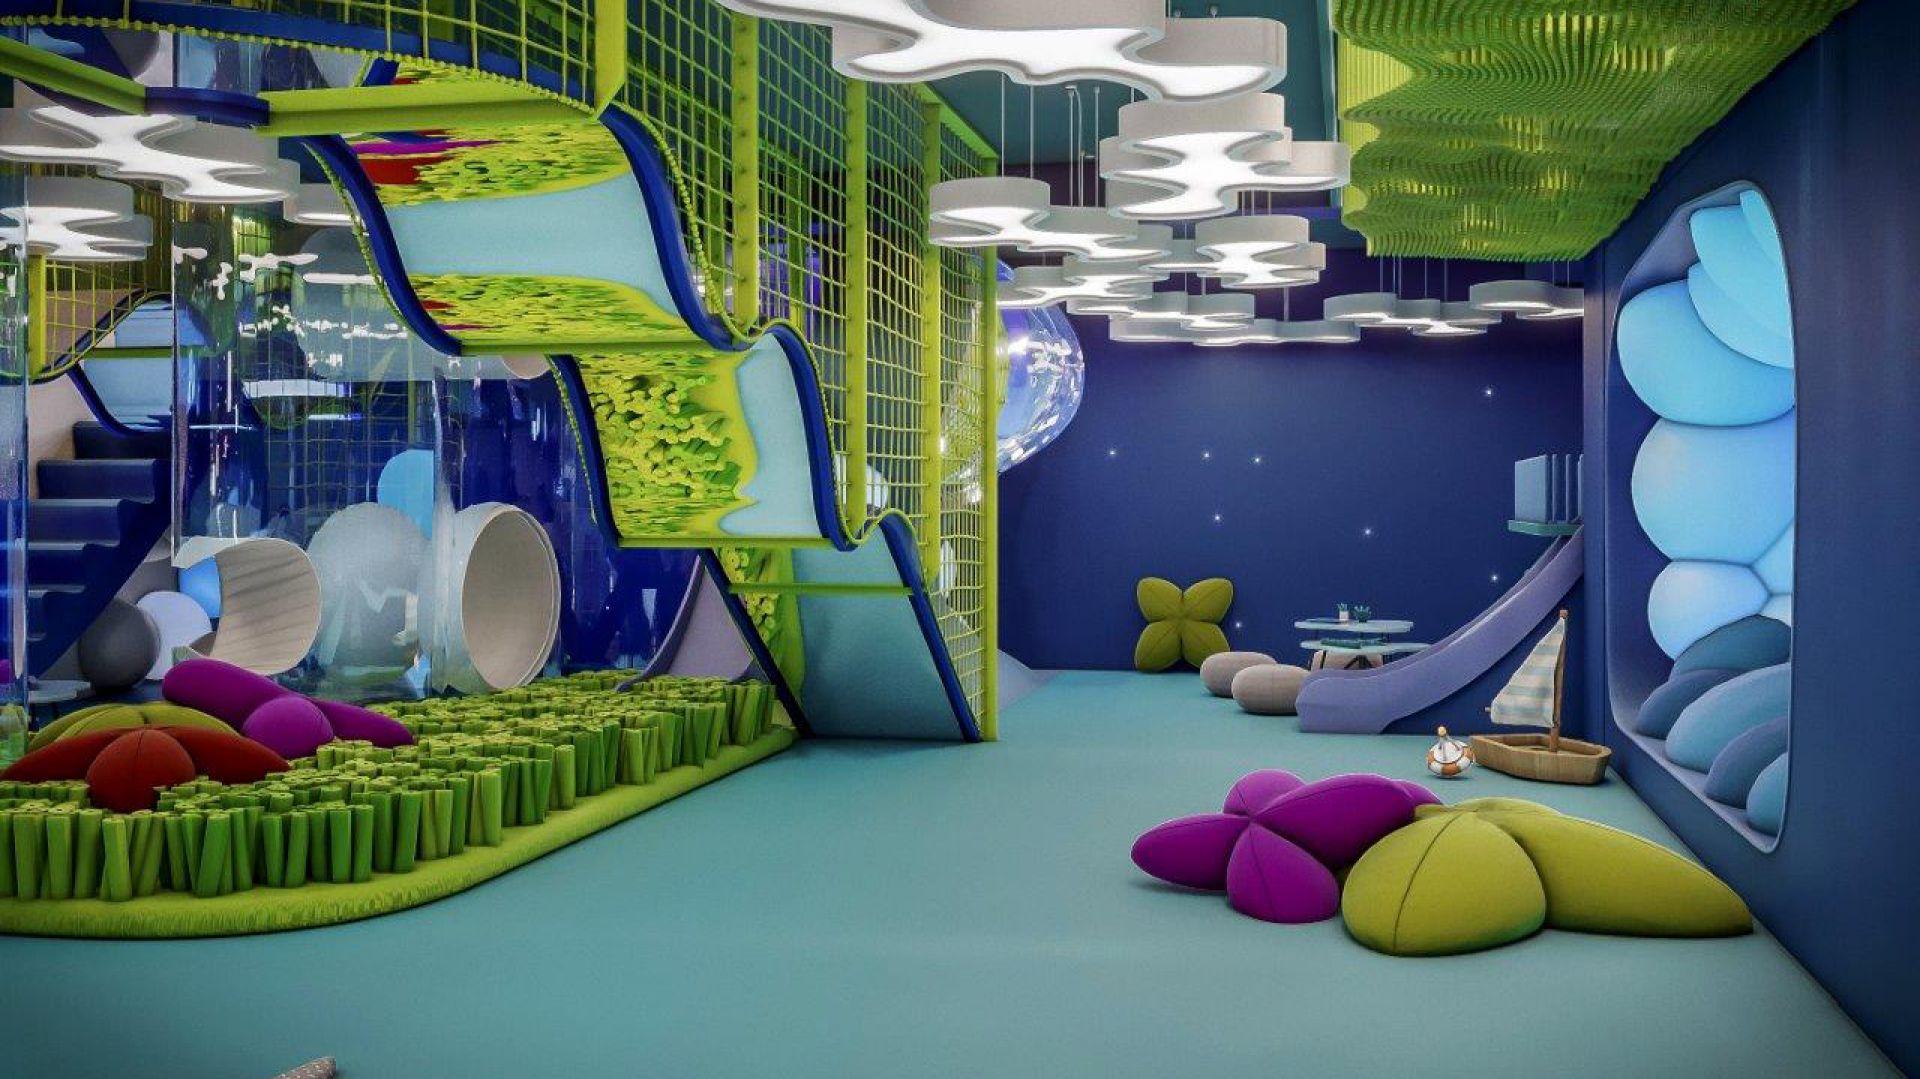 Kids Room w hotelu Gwiazda Pomorza. Fot. Iliard Architecture & Project Management